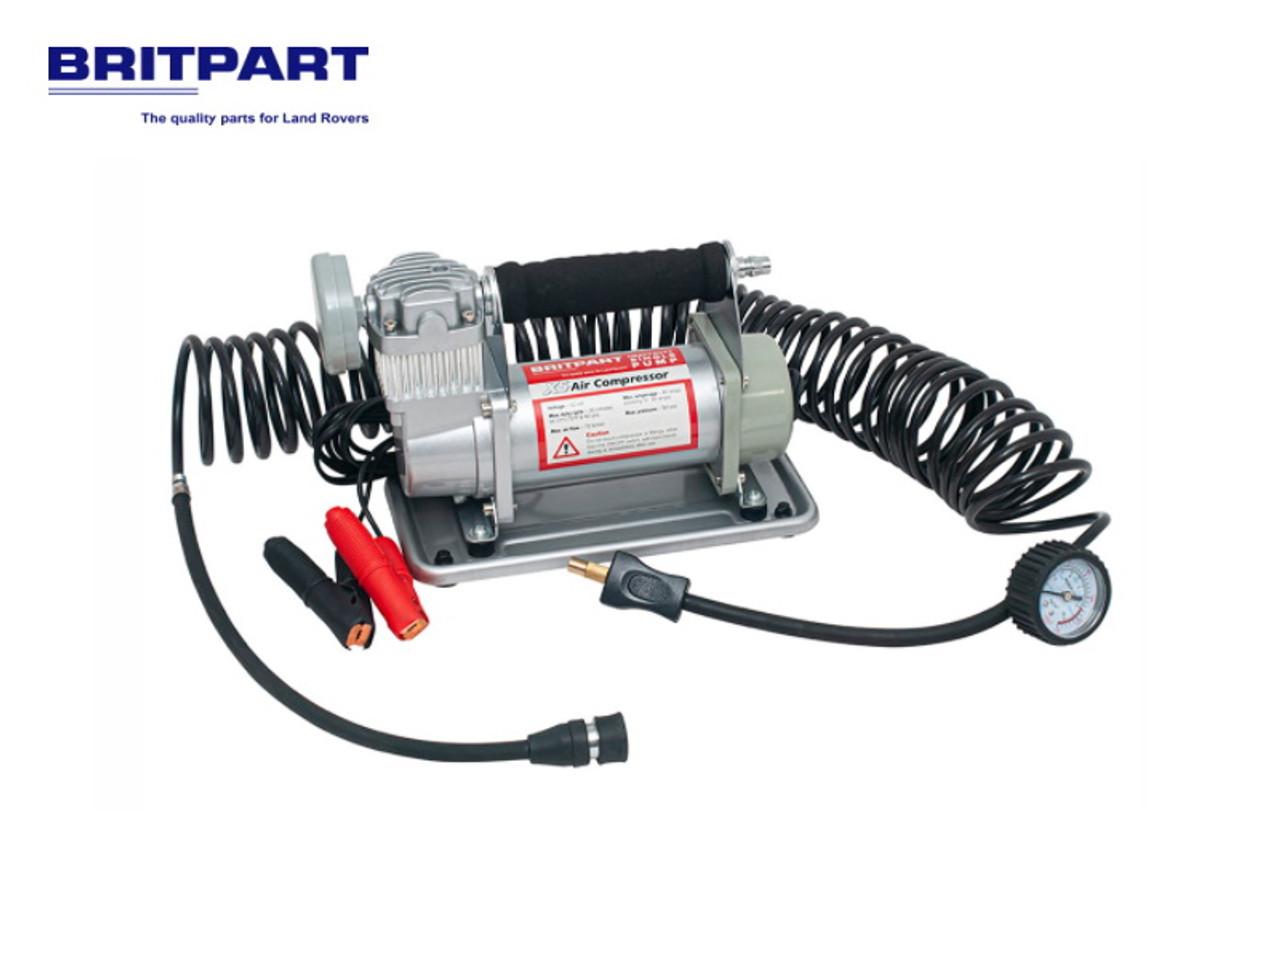 Britpart XS Portable Single Air Compressor - DA2354XS